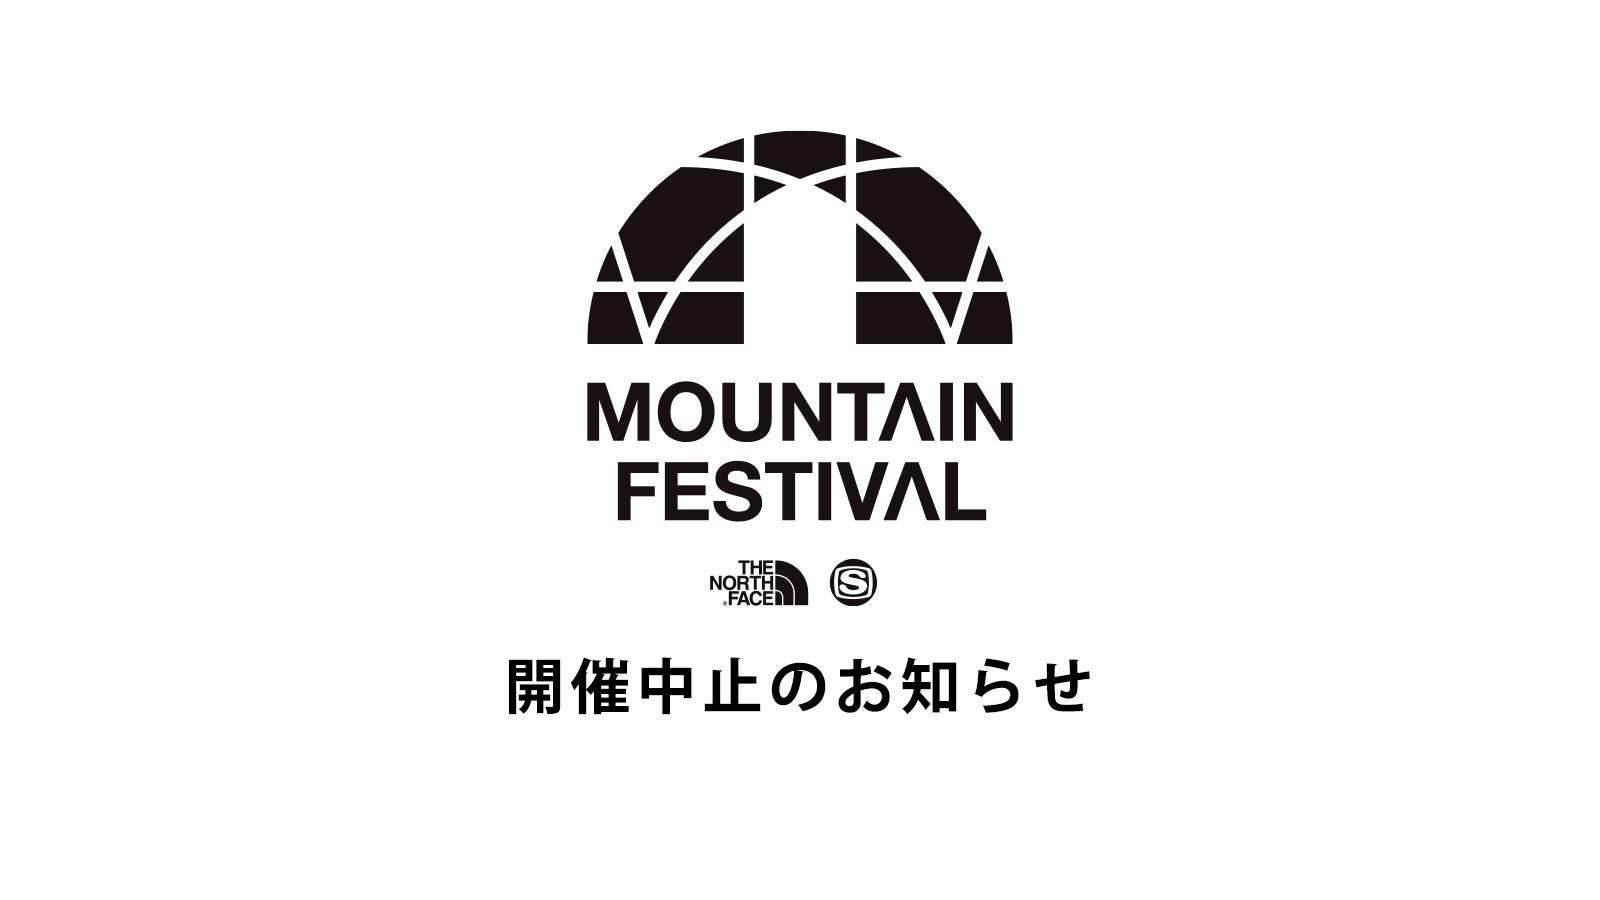 MOUNTAIN FESTIVAL2020が開催中止を発表